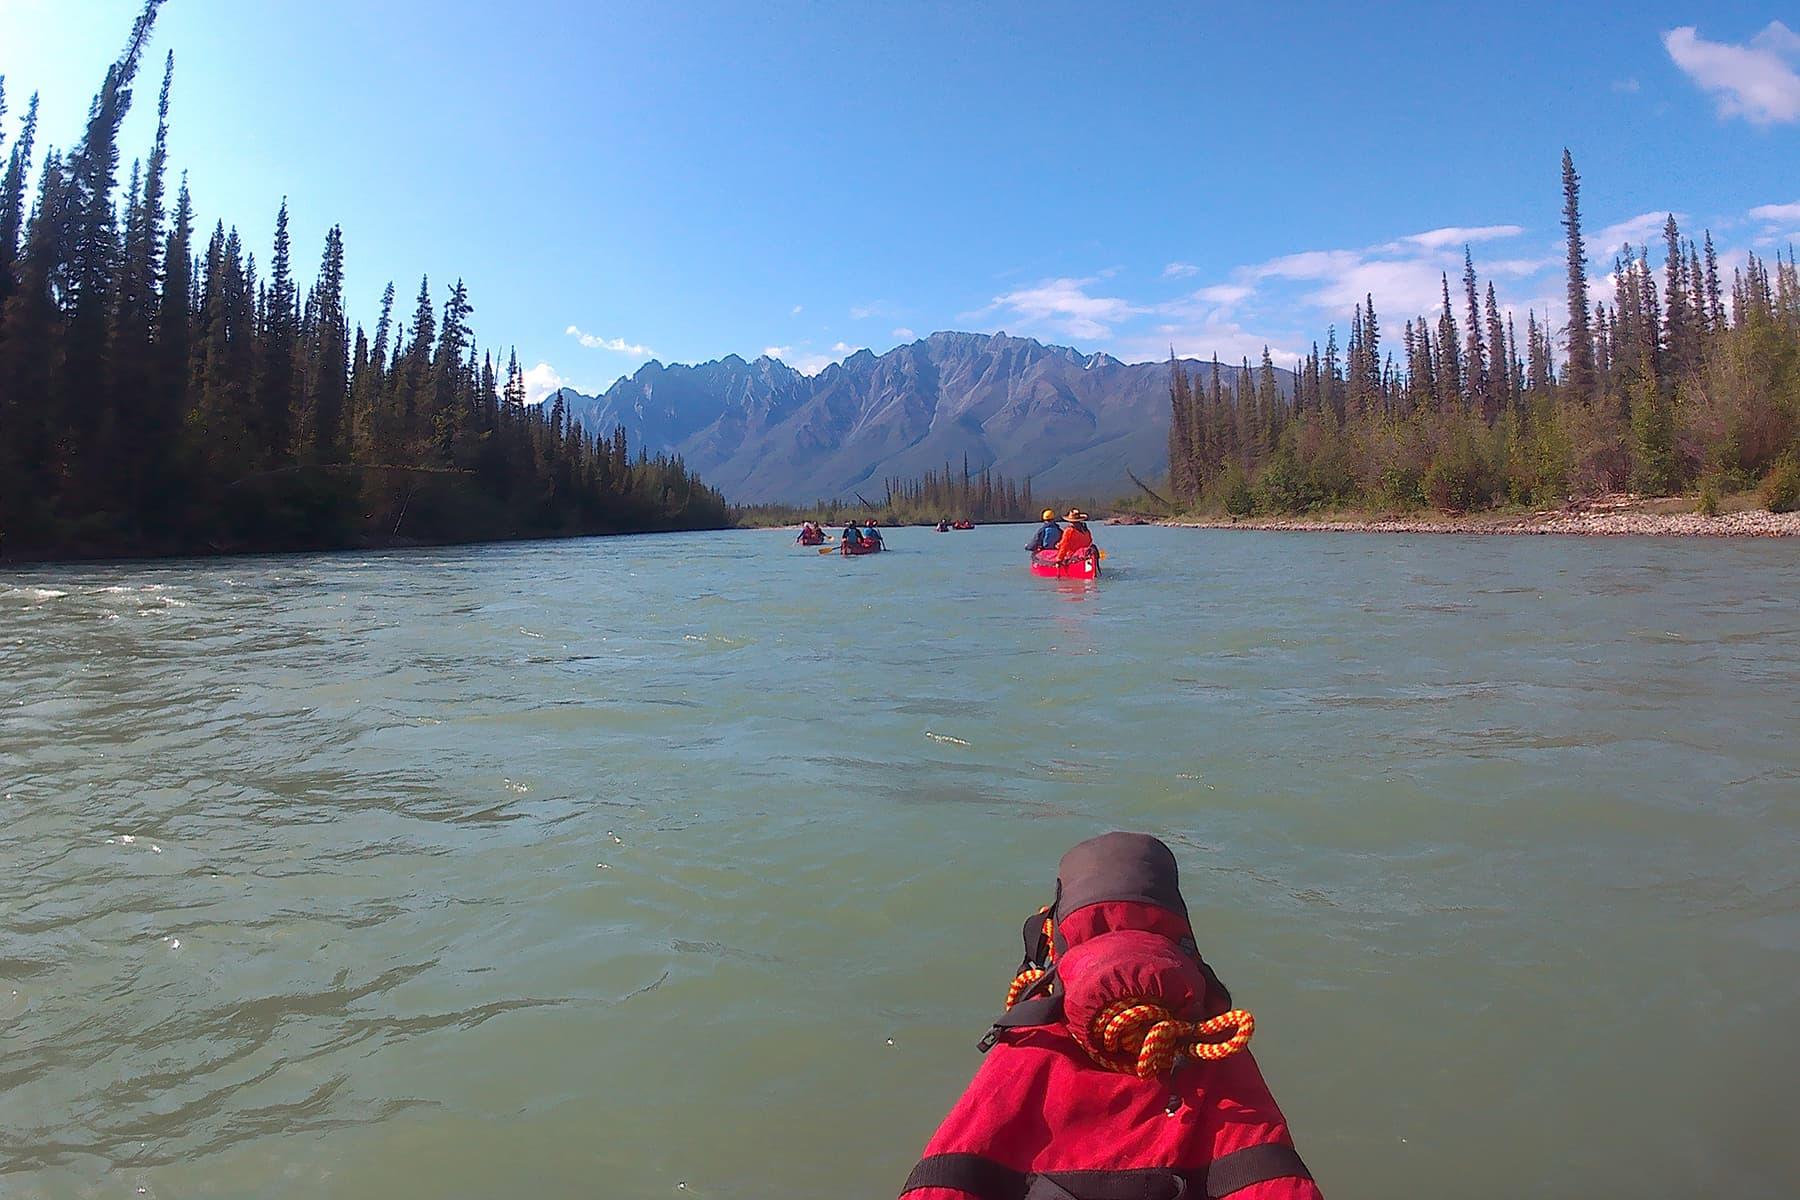 Canoeing the Broken Skull River